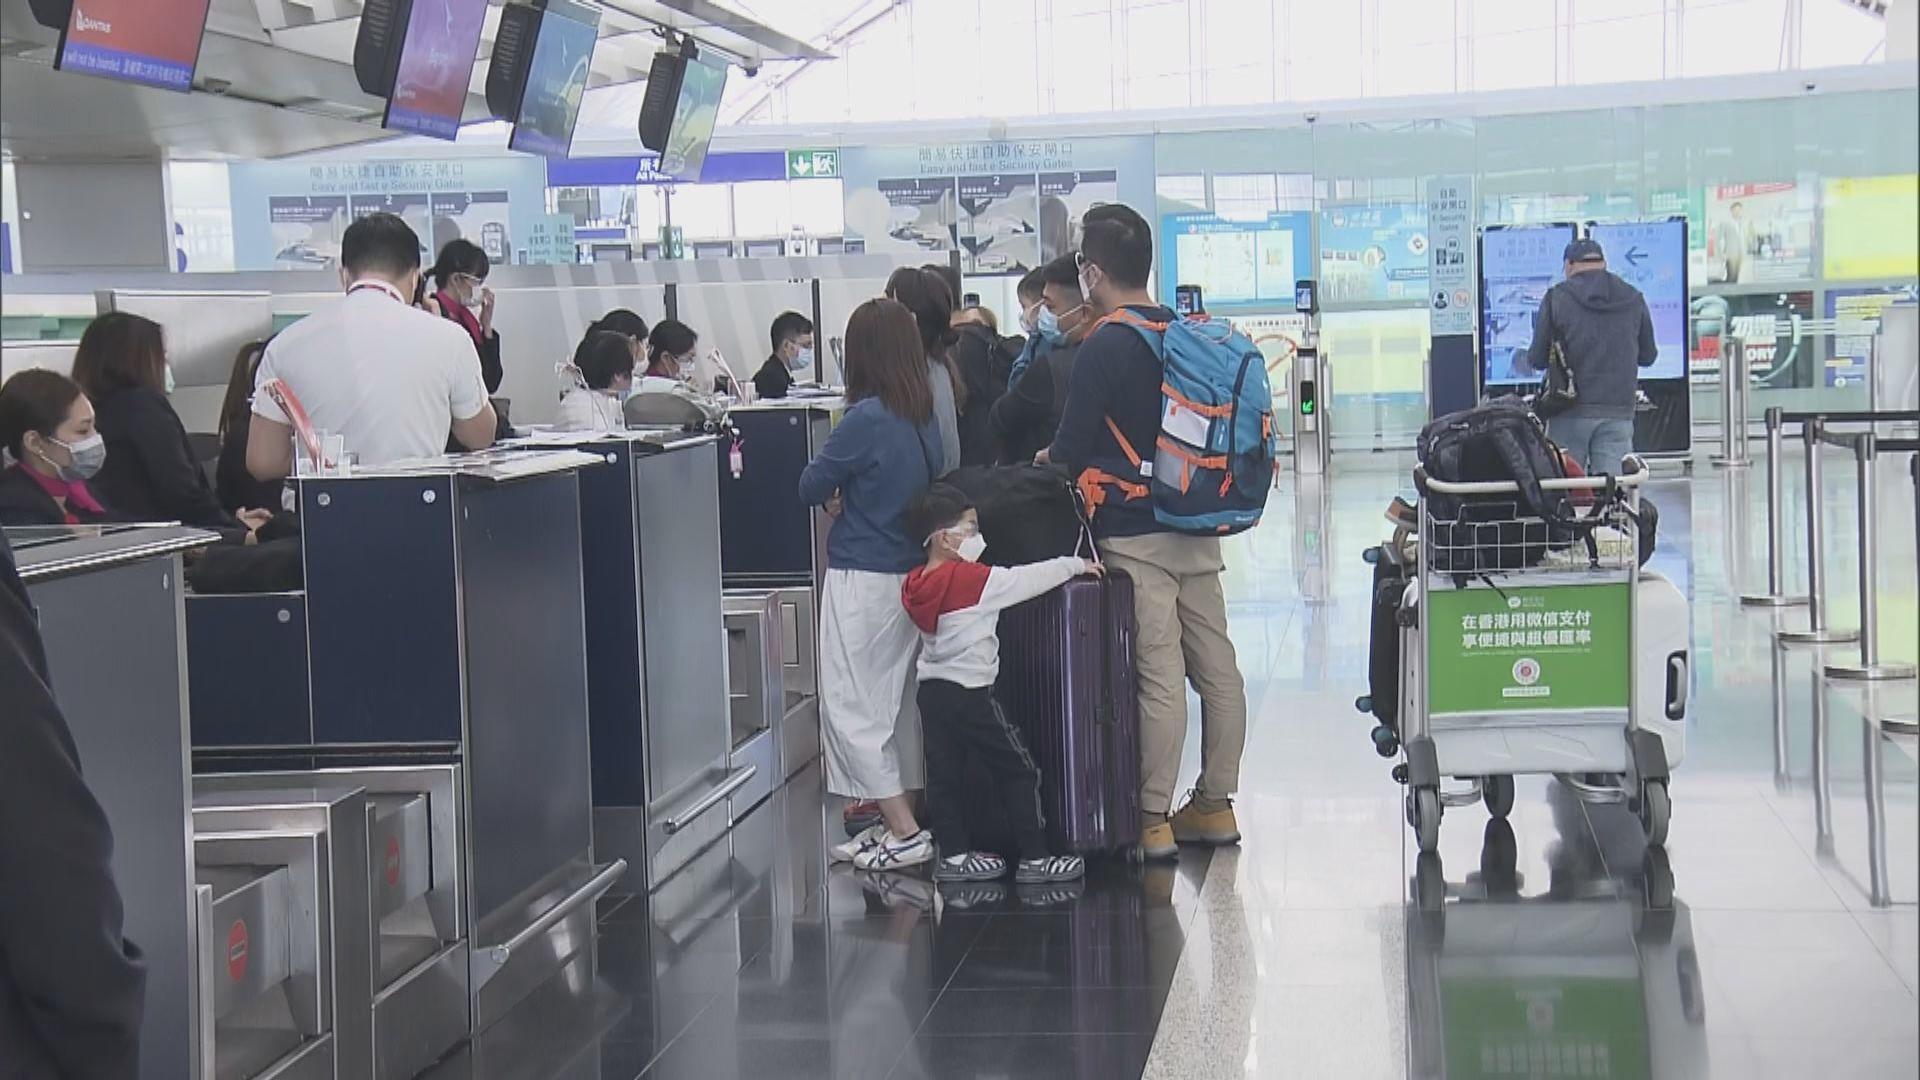 旅客周一抵澳需隔離 有升學及探親市民如常出發